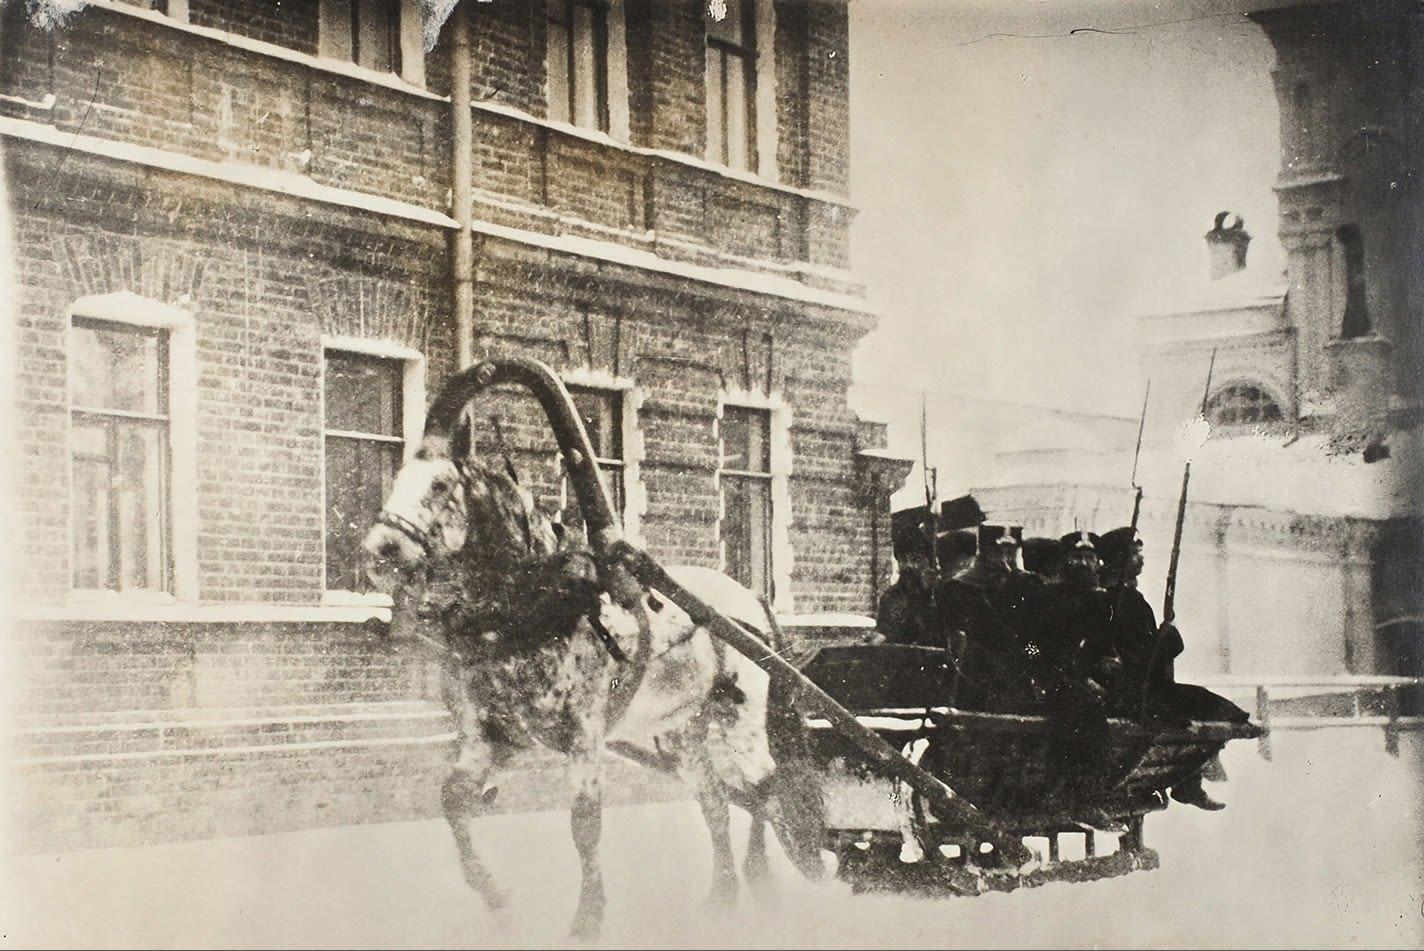 Малый Гнездниковский переулок. Вооружённая полиция на улицах Москвы. 1905